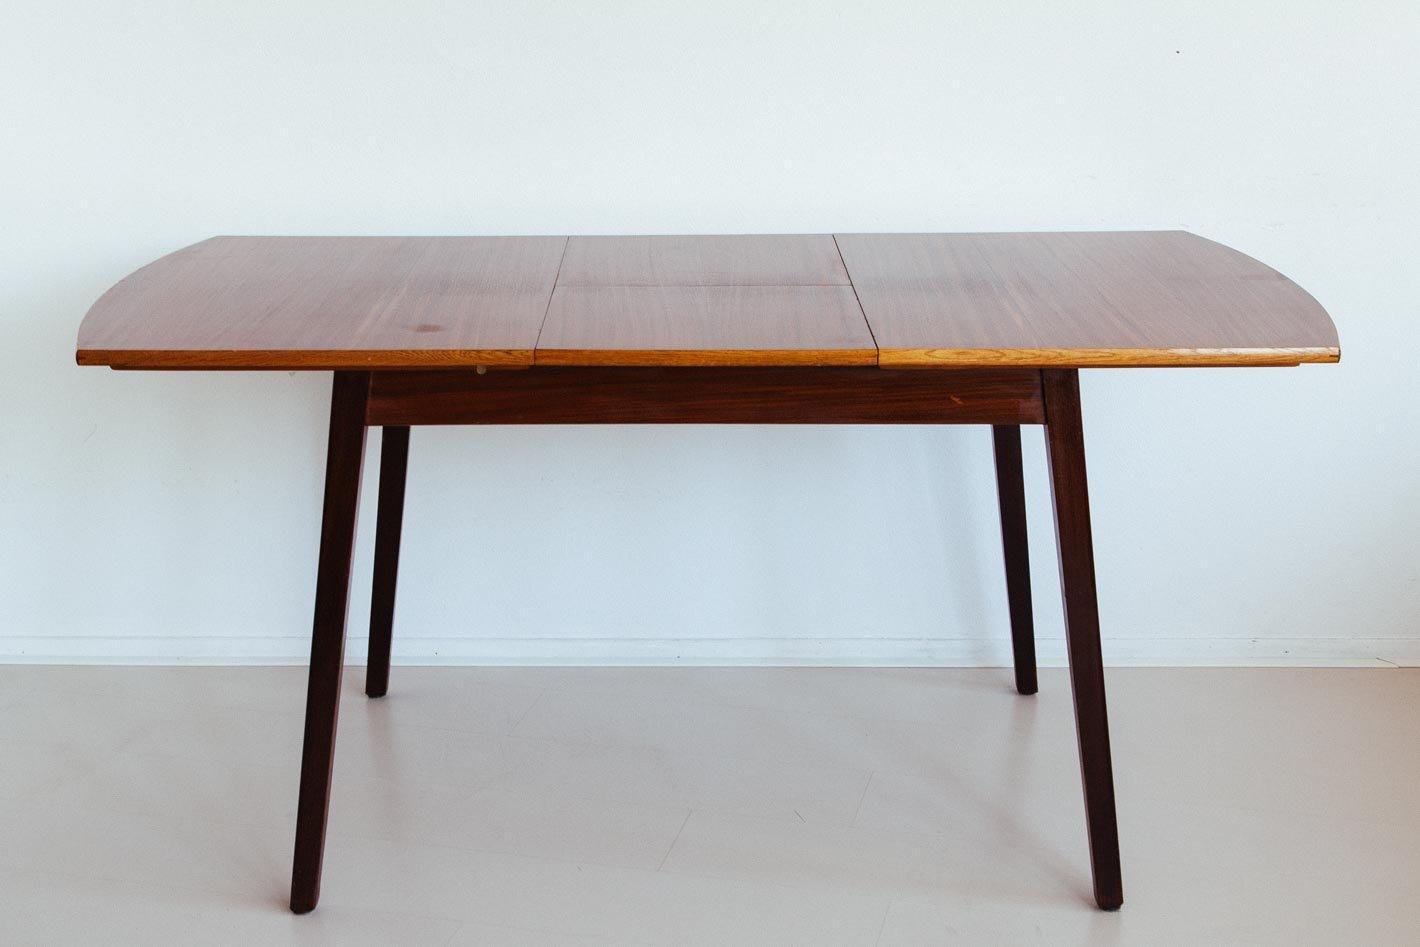 vintage holz esstisch mit erweiterbarer tischplatte bei. Black Bedroom Furniture Sets. Home Design Ideas